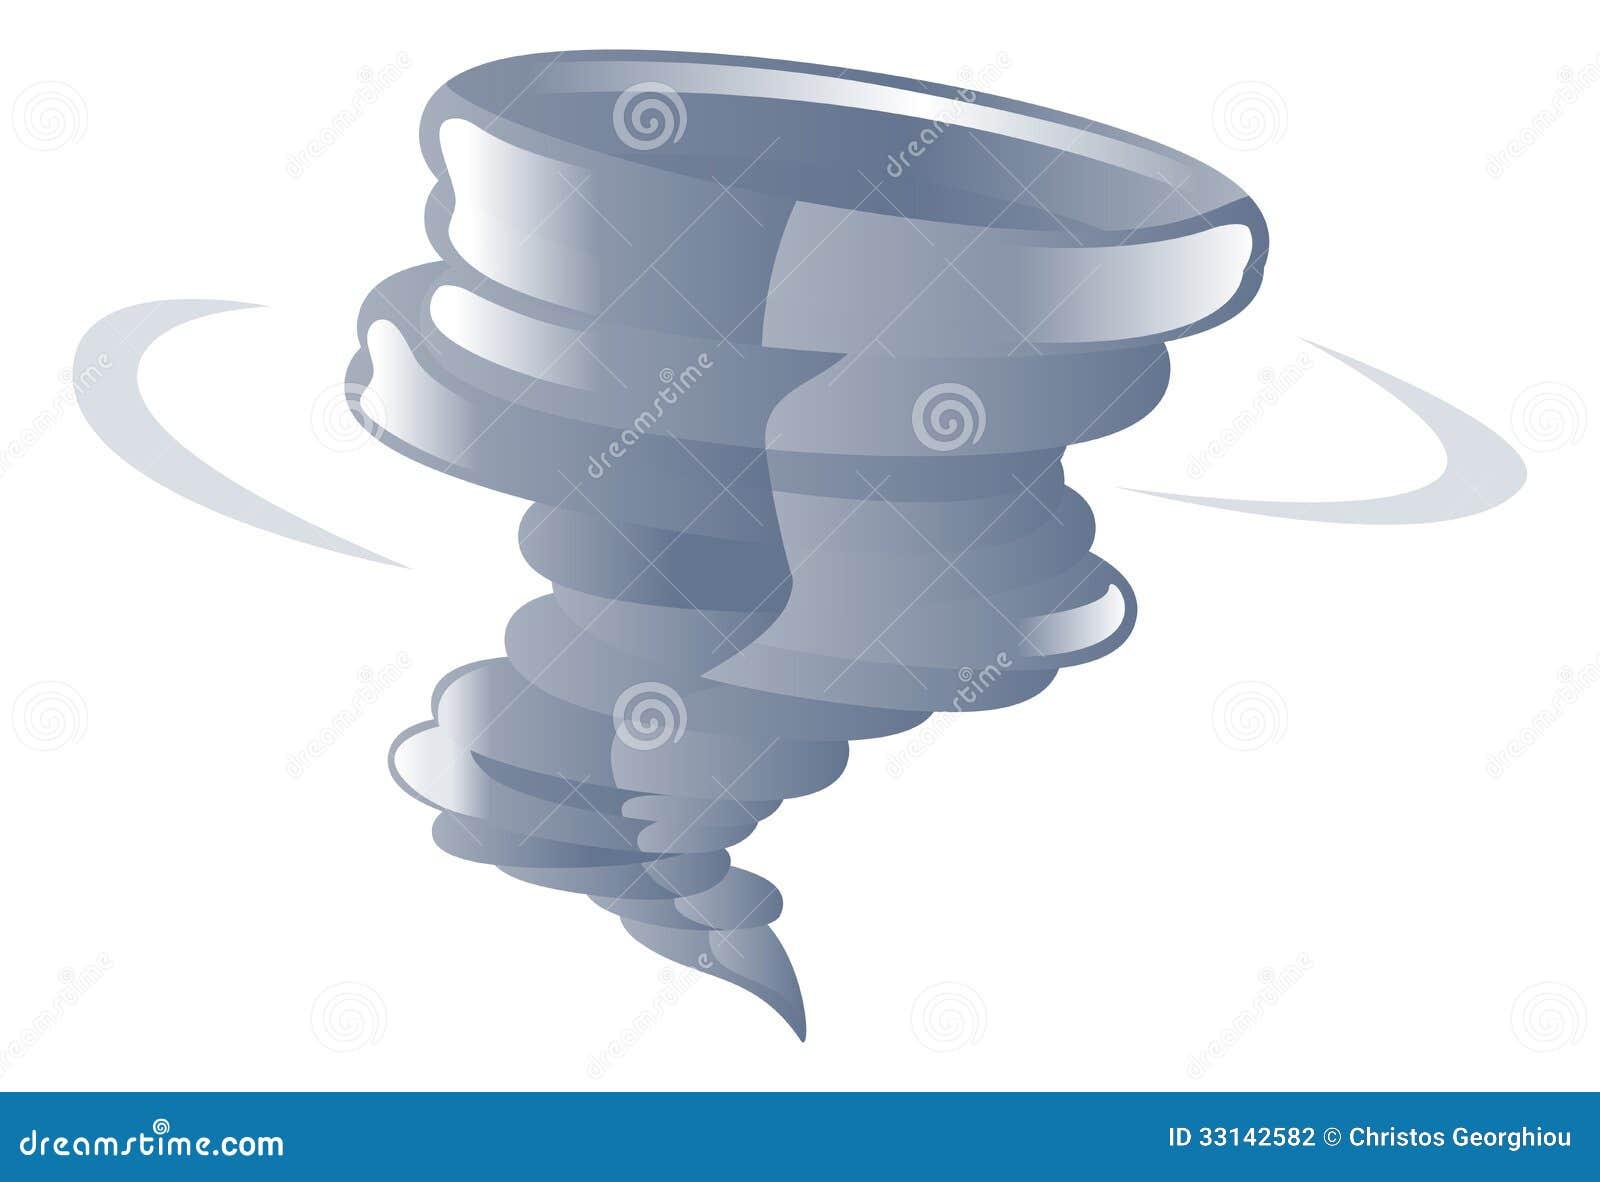 Bleistiftschreiben Auf Papierikone Clipart Vektor Abbildung - Illustration  von hintergrund, abbildung: 33142576